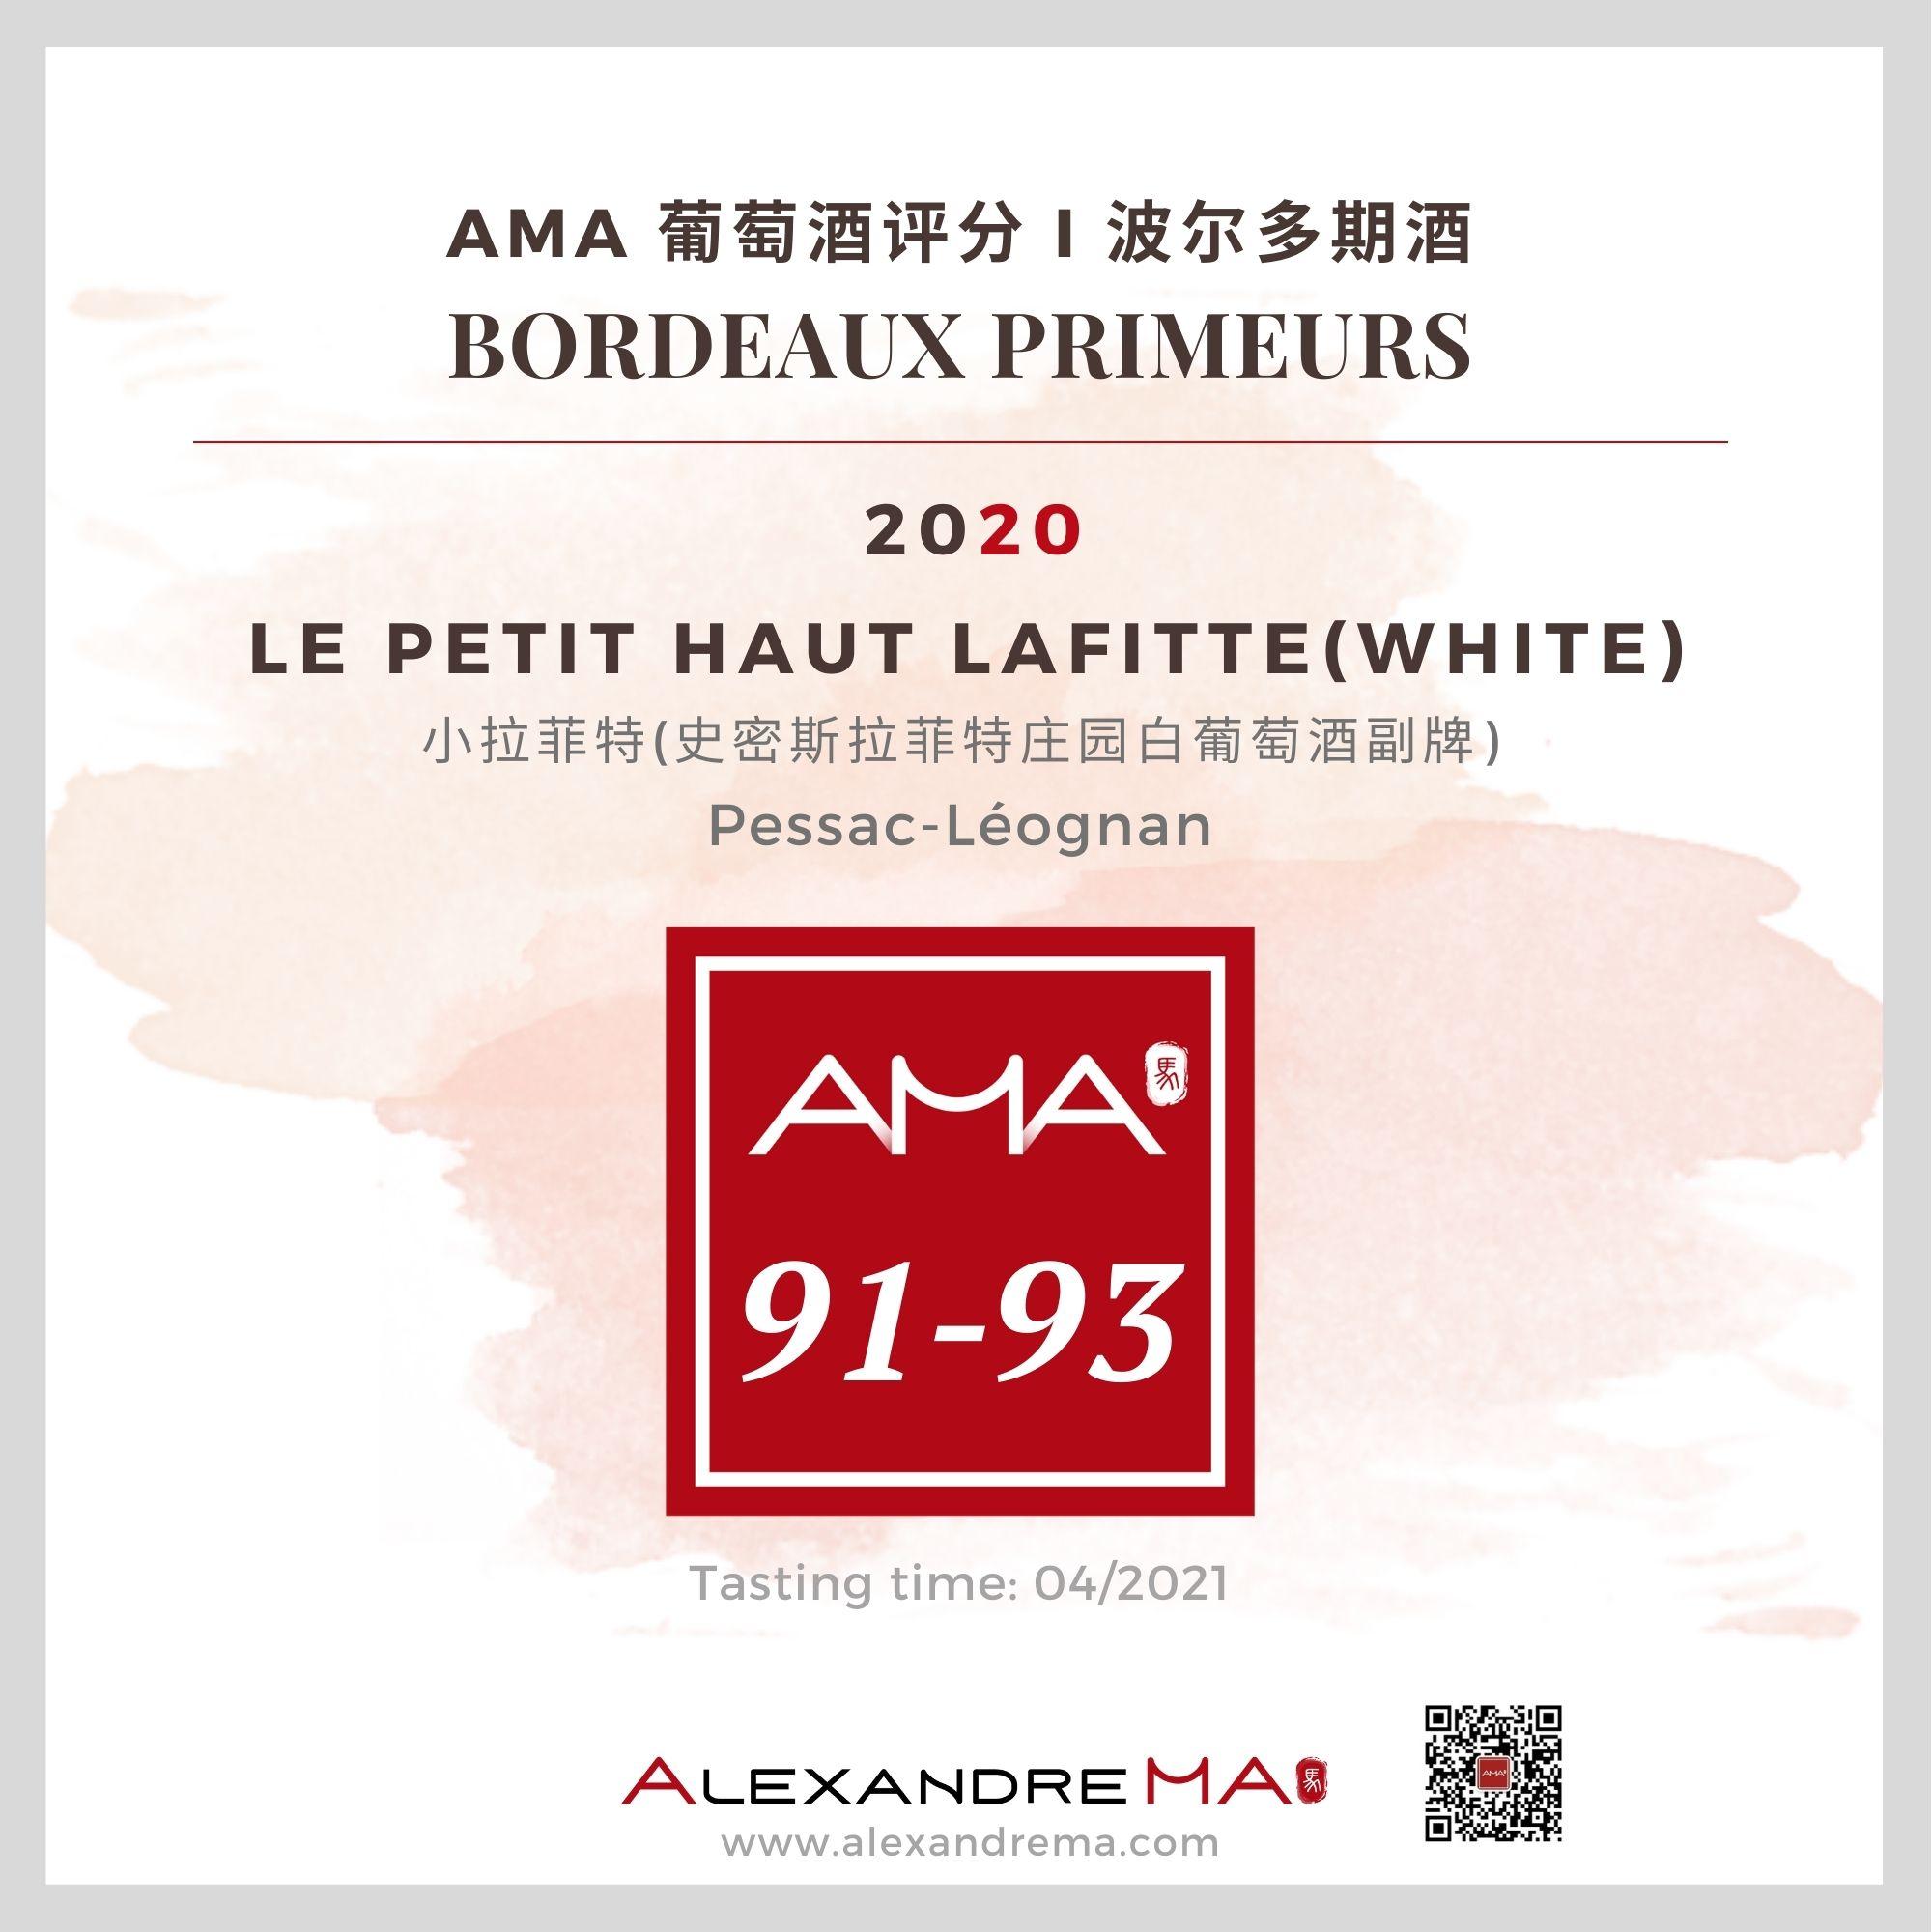 Château Smith Haut Lafitte – Le Petit Haut Lafitte White 2020 - Alexandre MA